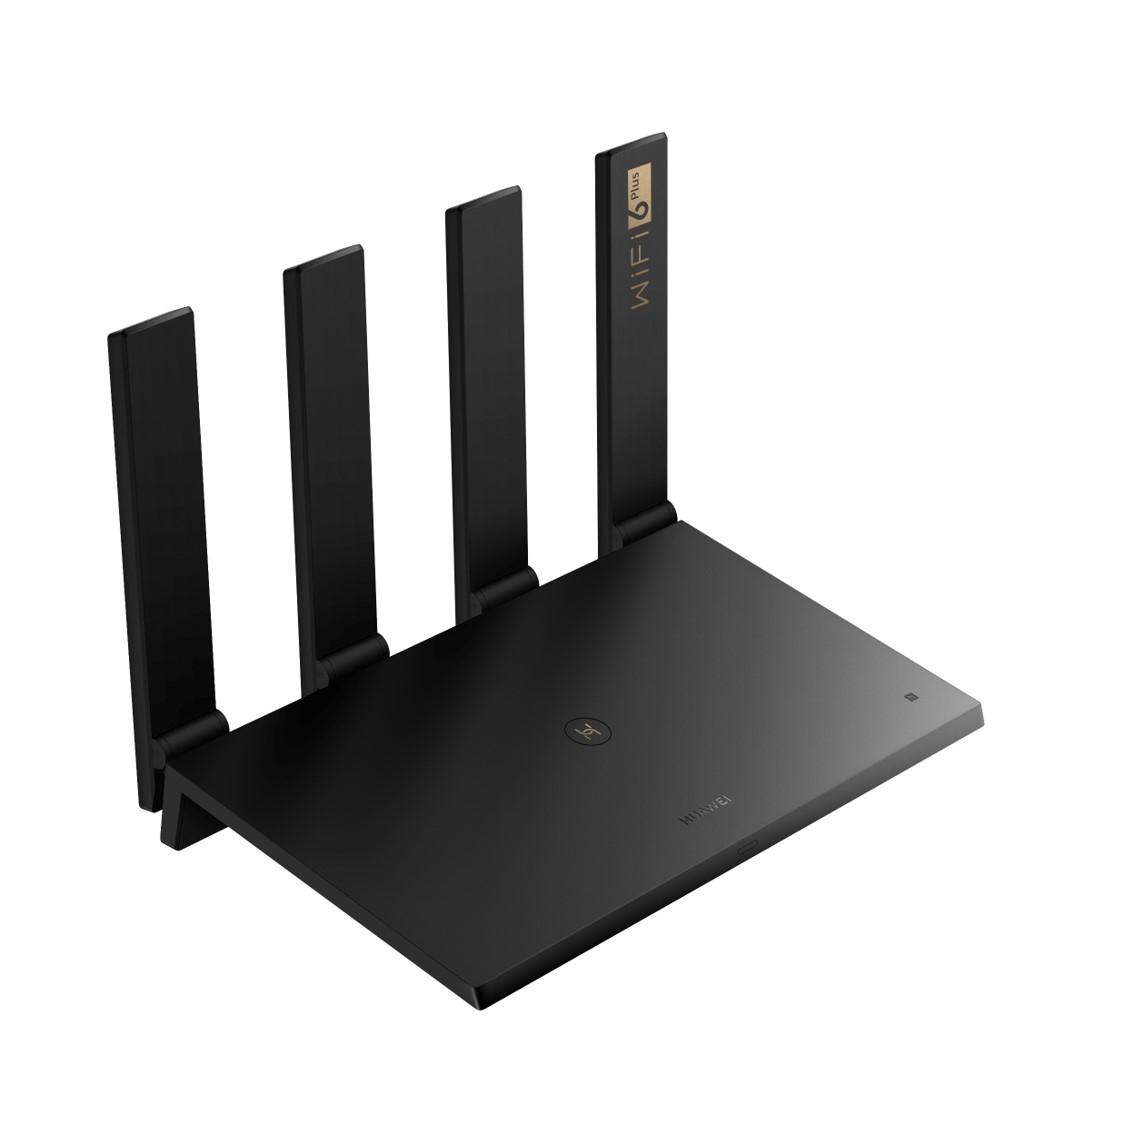 HUAWEI lansează routerul WiFi AX3 cu Wi-Fi 6 Plus